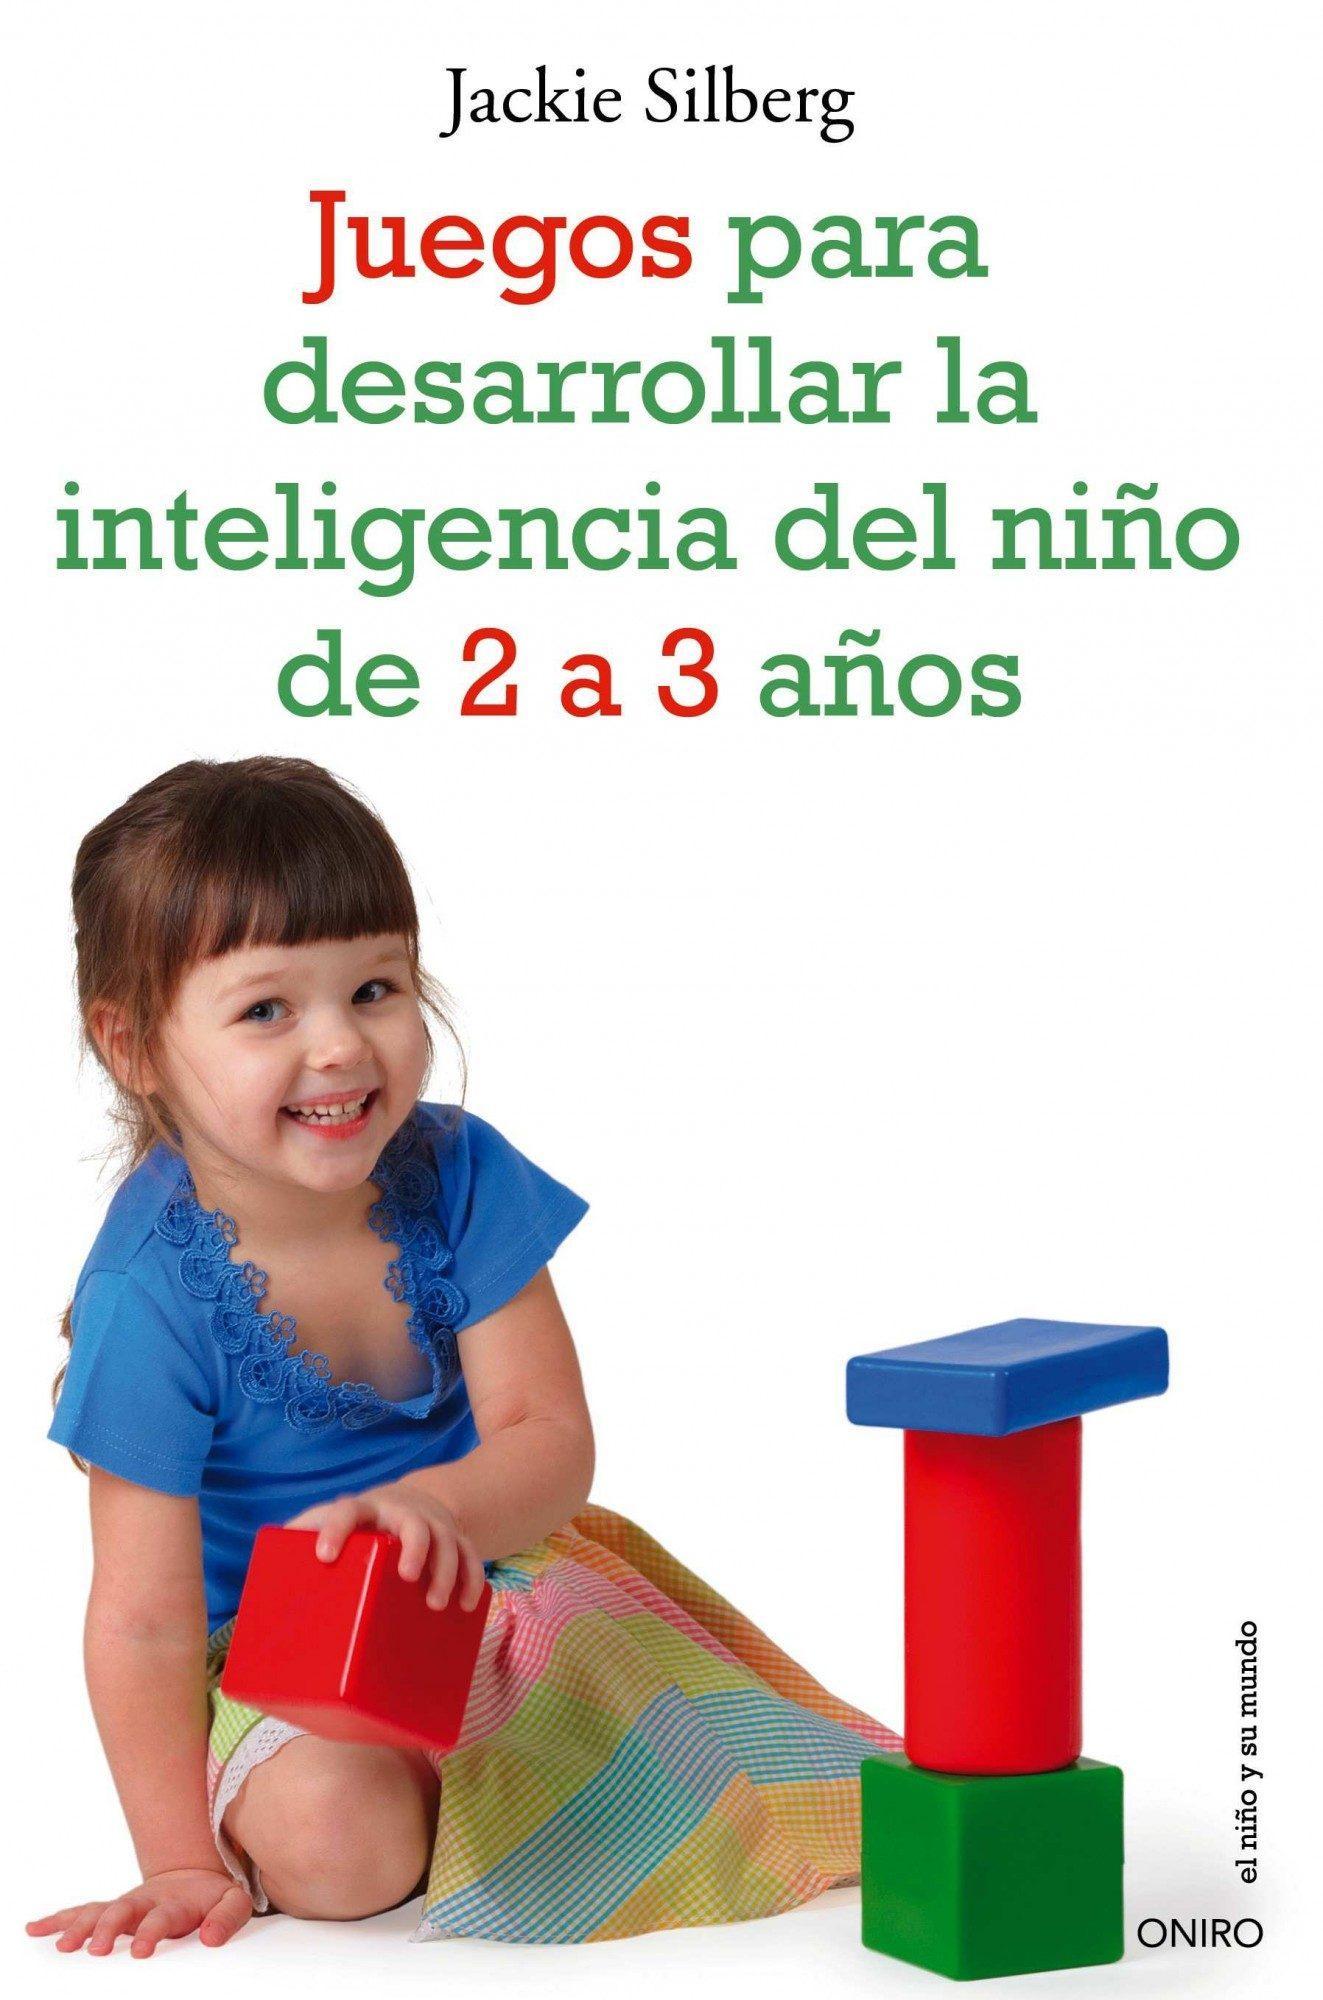 Juegos Para Desarrollar La Inteligencia Del Nino De 2 A 3 Anos Ebook